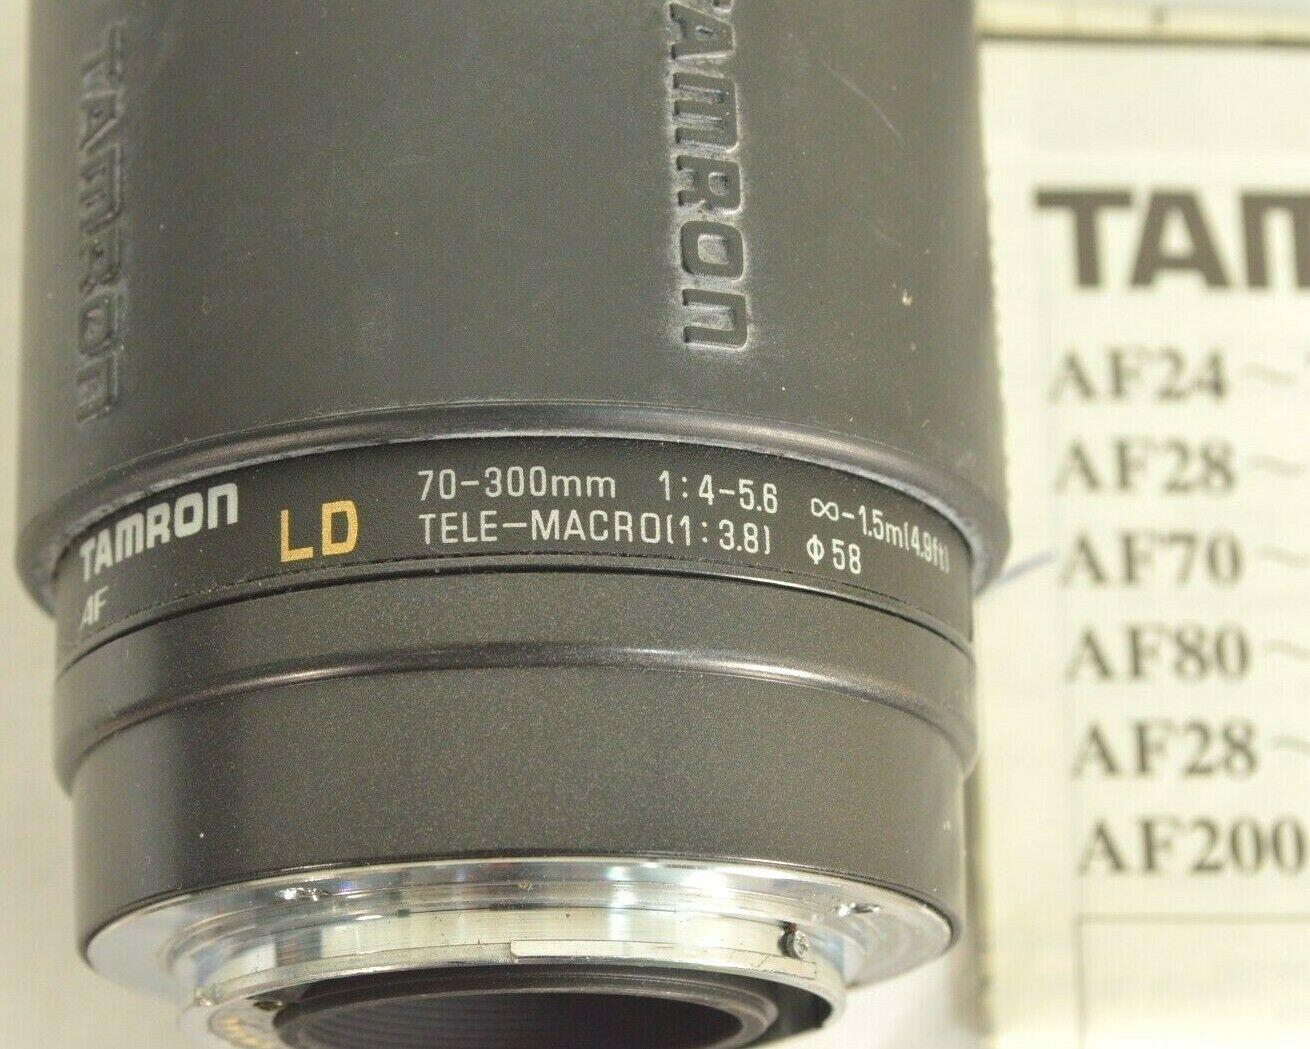 Tamron LD 70-300mm f/4.0-5.6 LD AF camera lens for Sony image 3